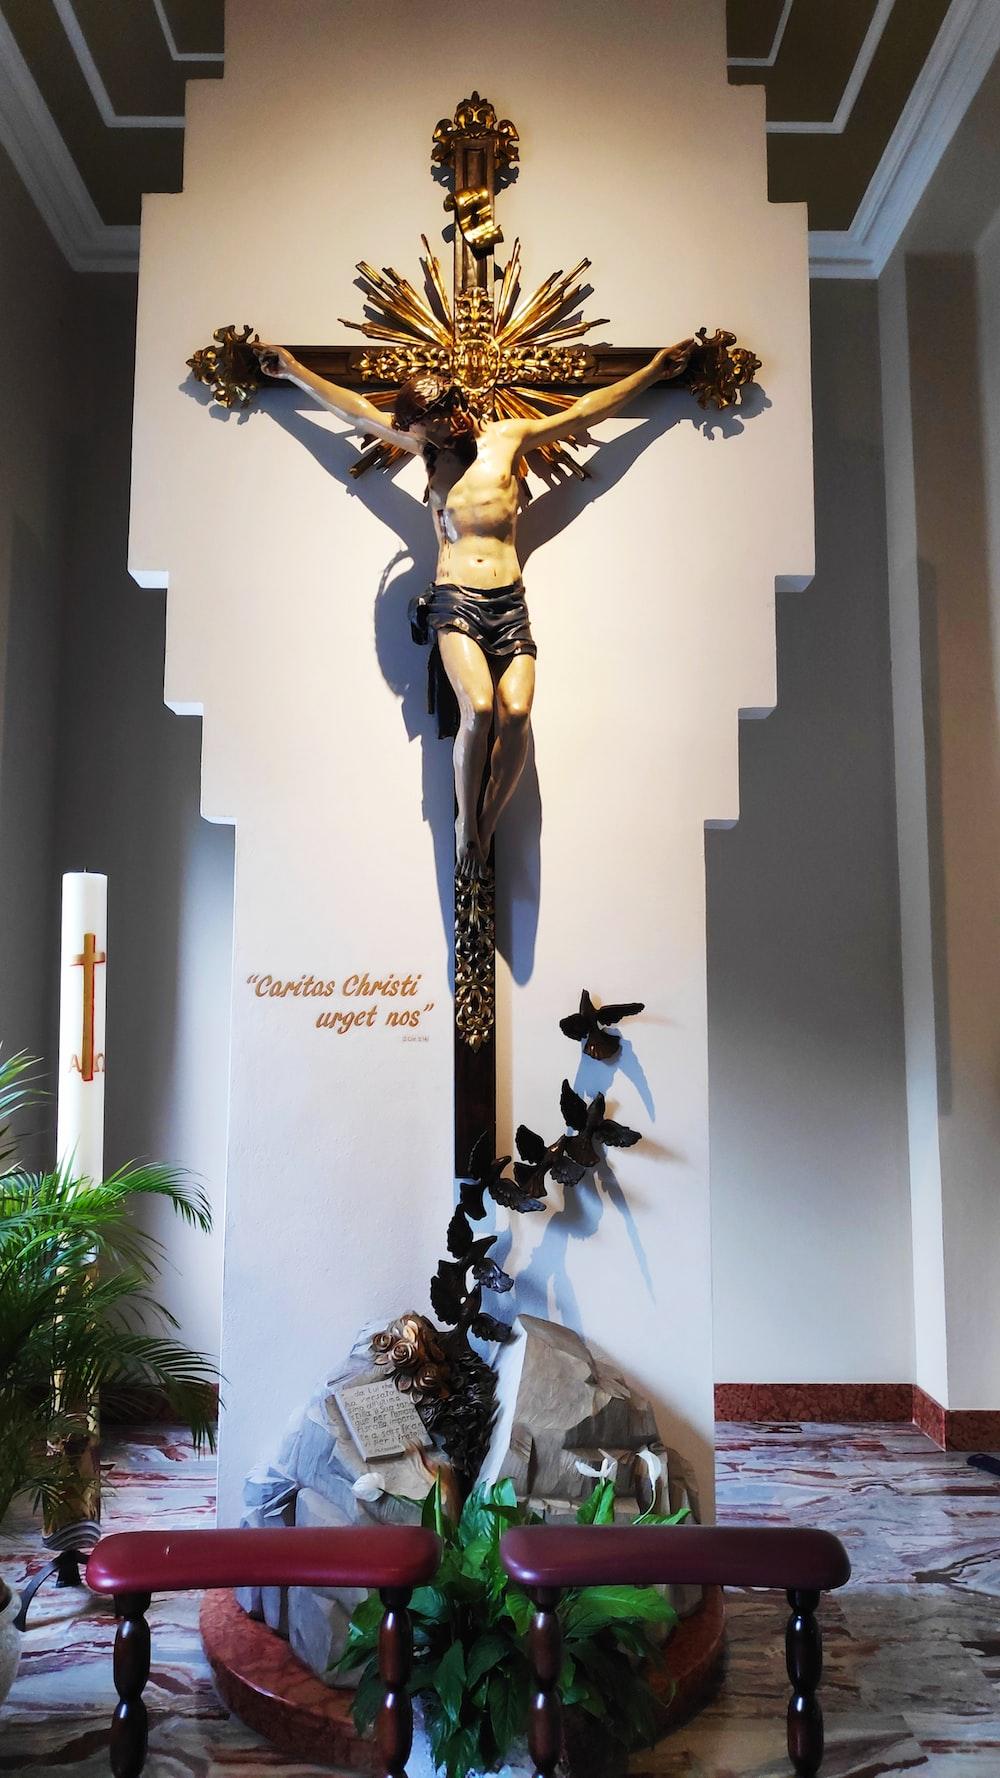 crucifix in building